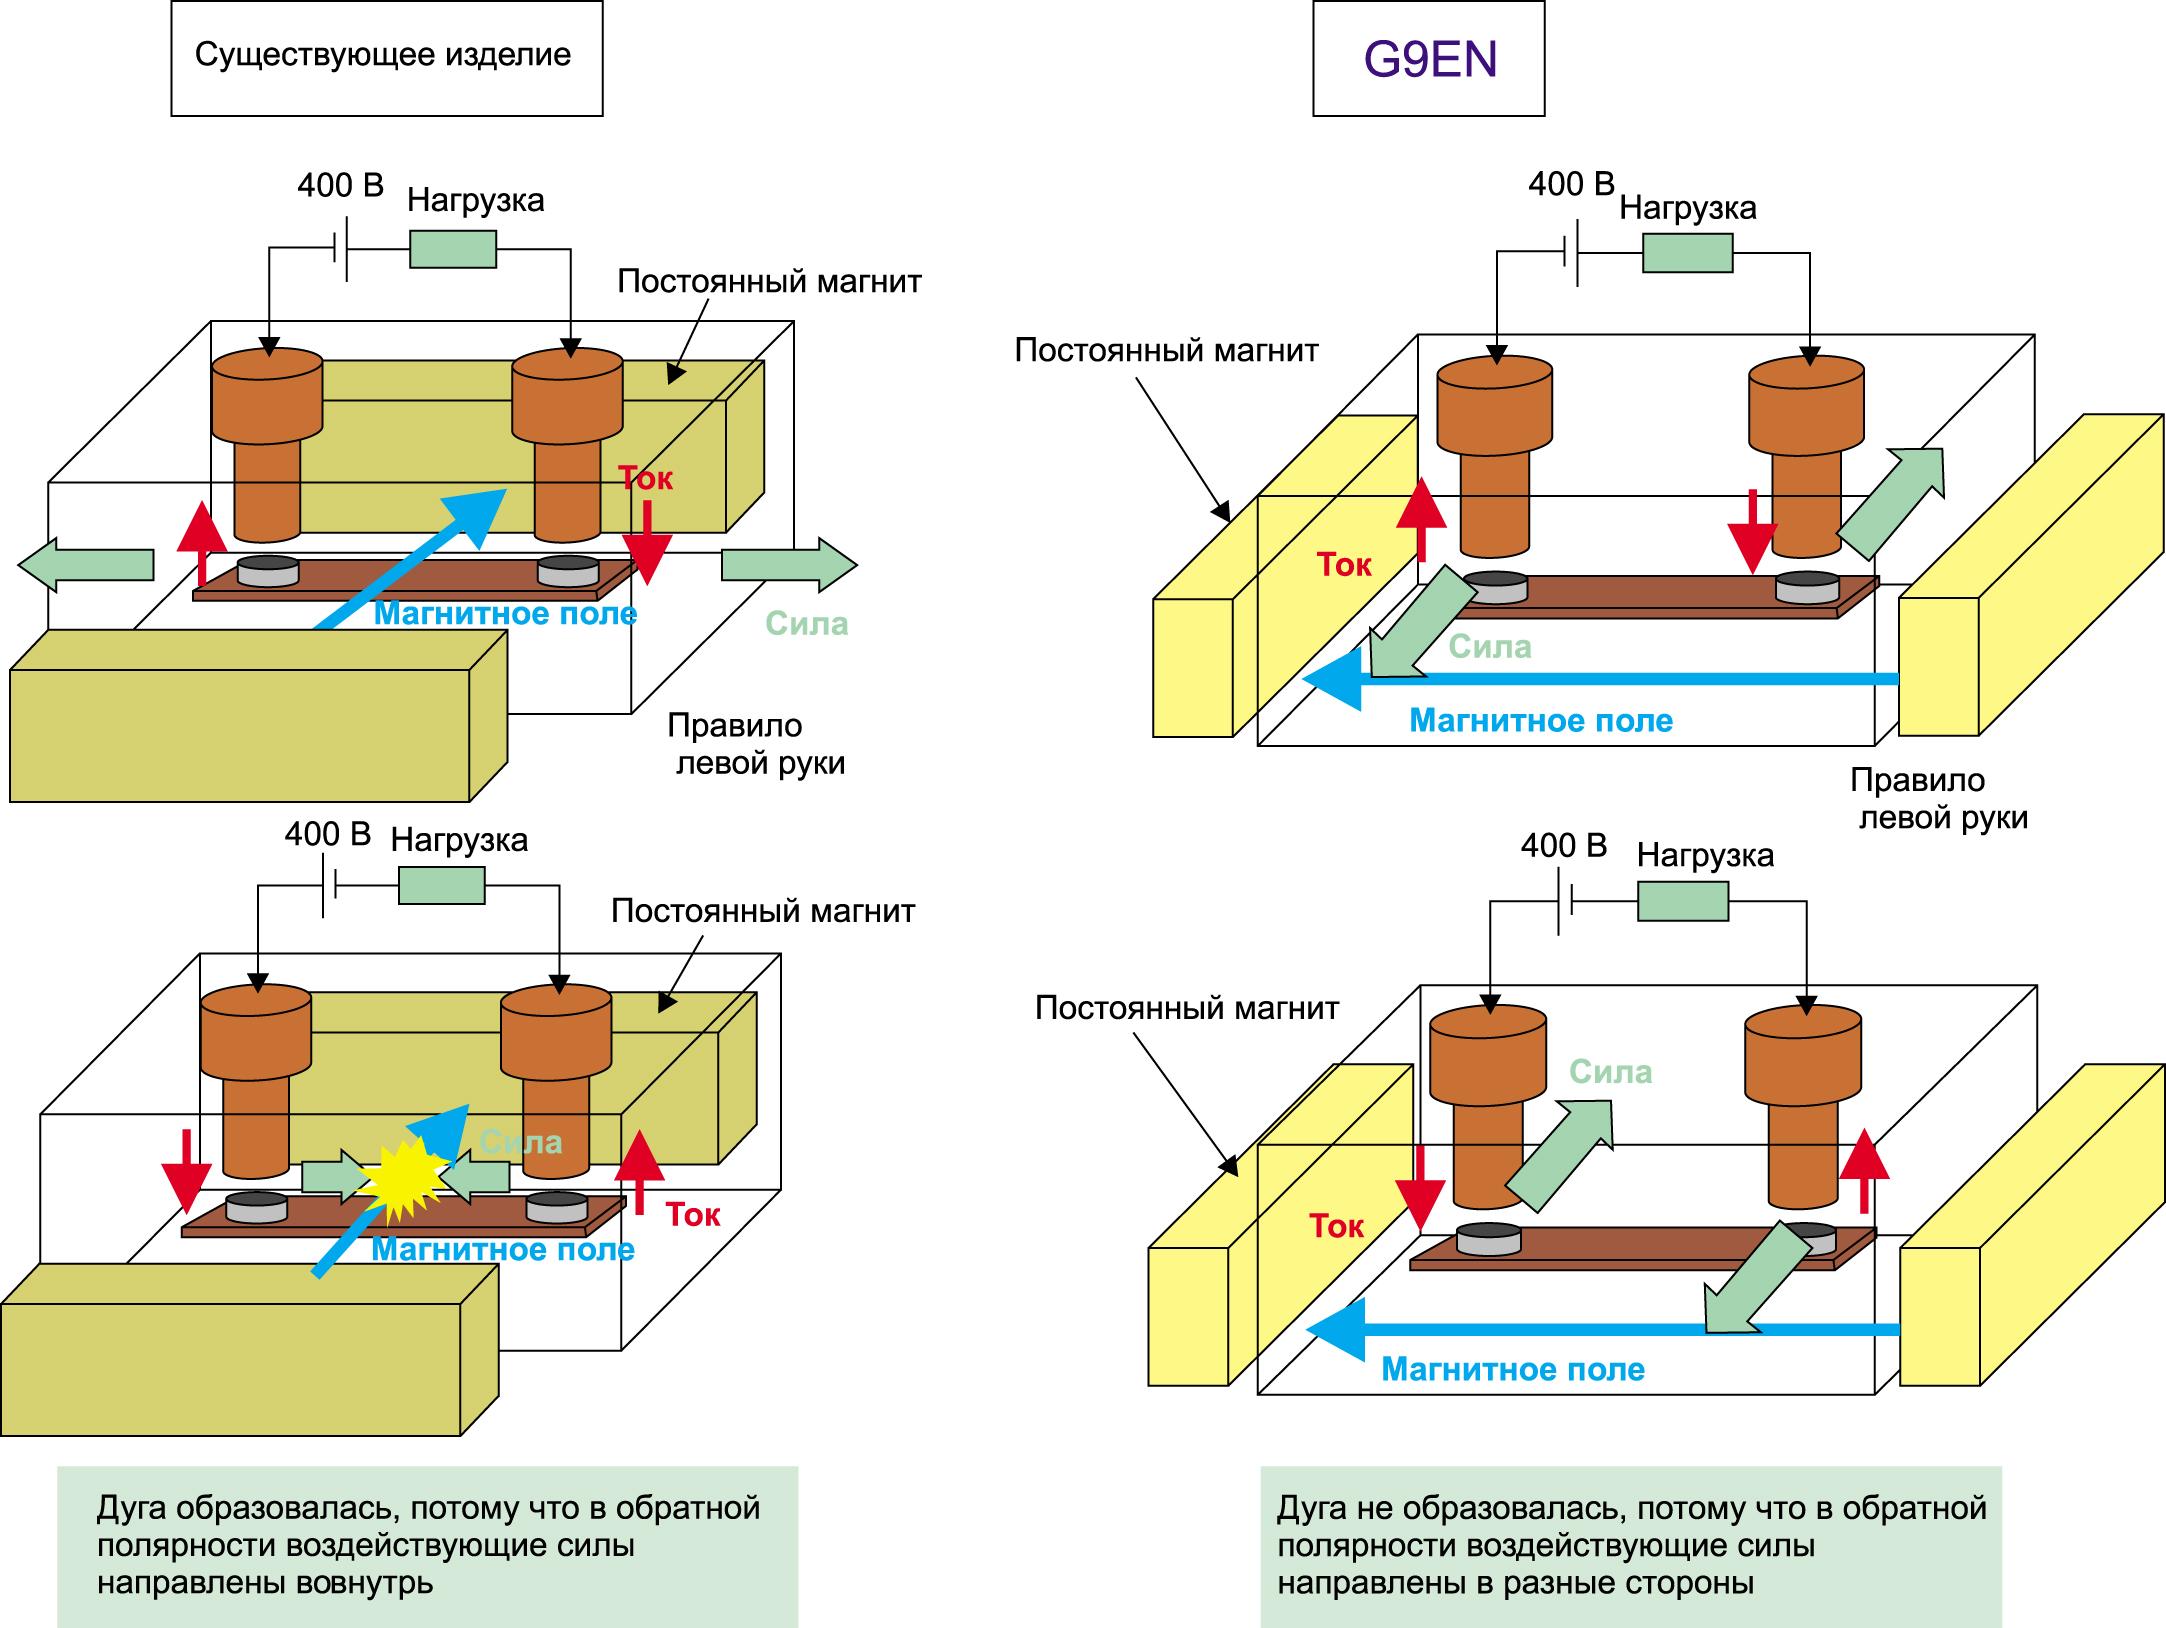 Инновационная конструкция коммутационной системы G9EN-1